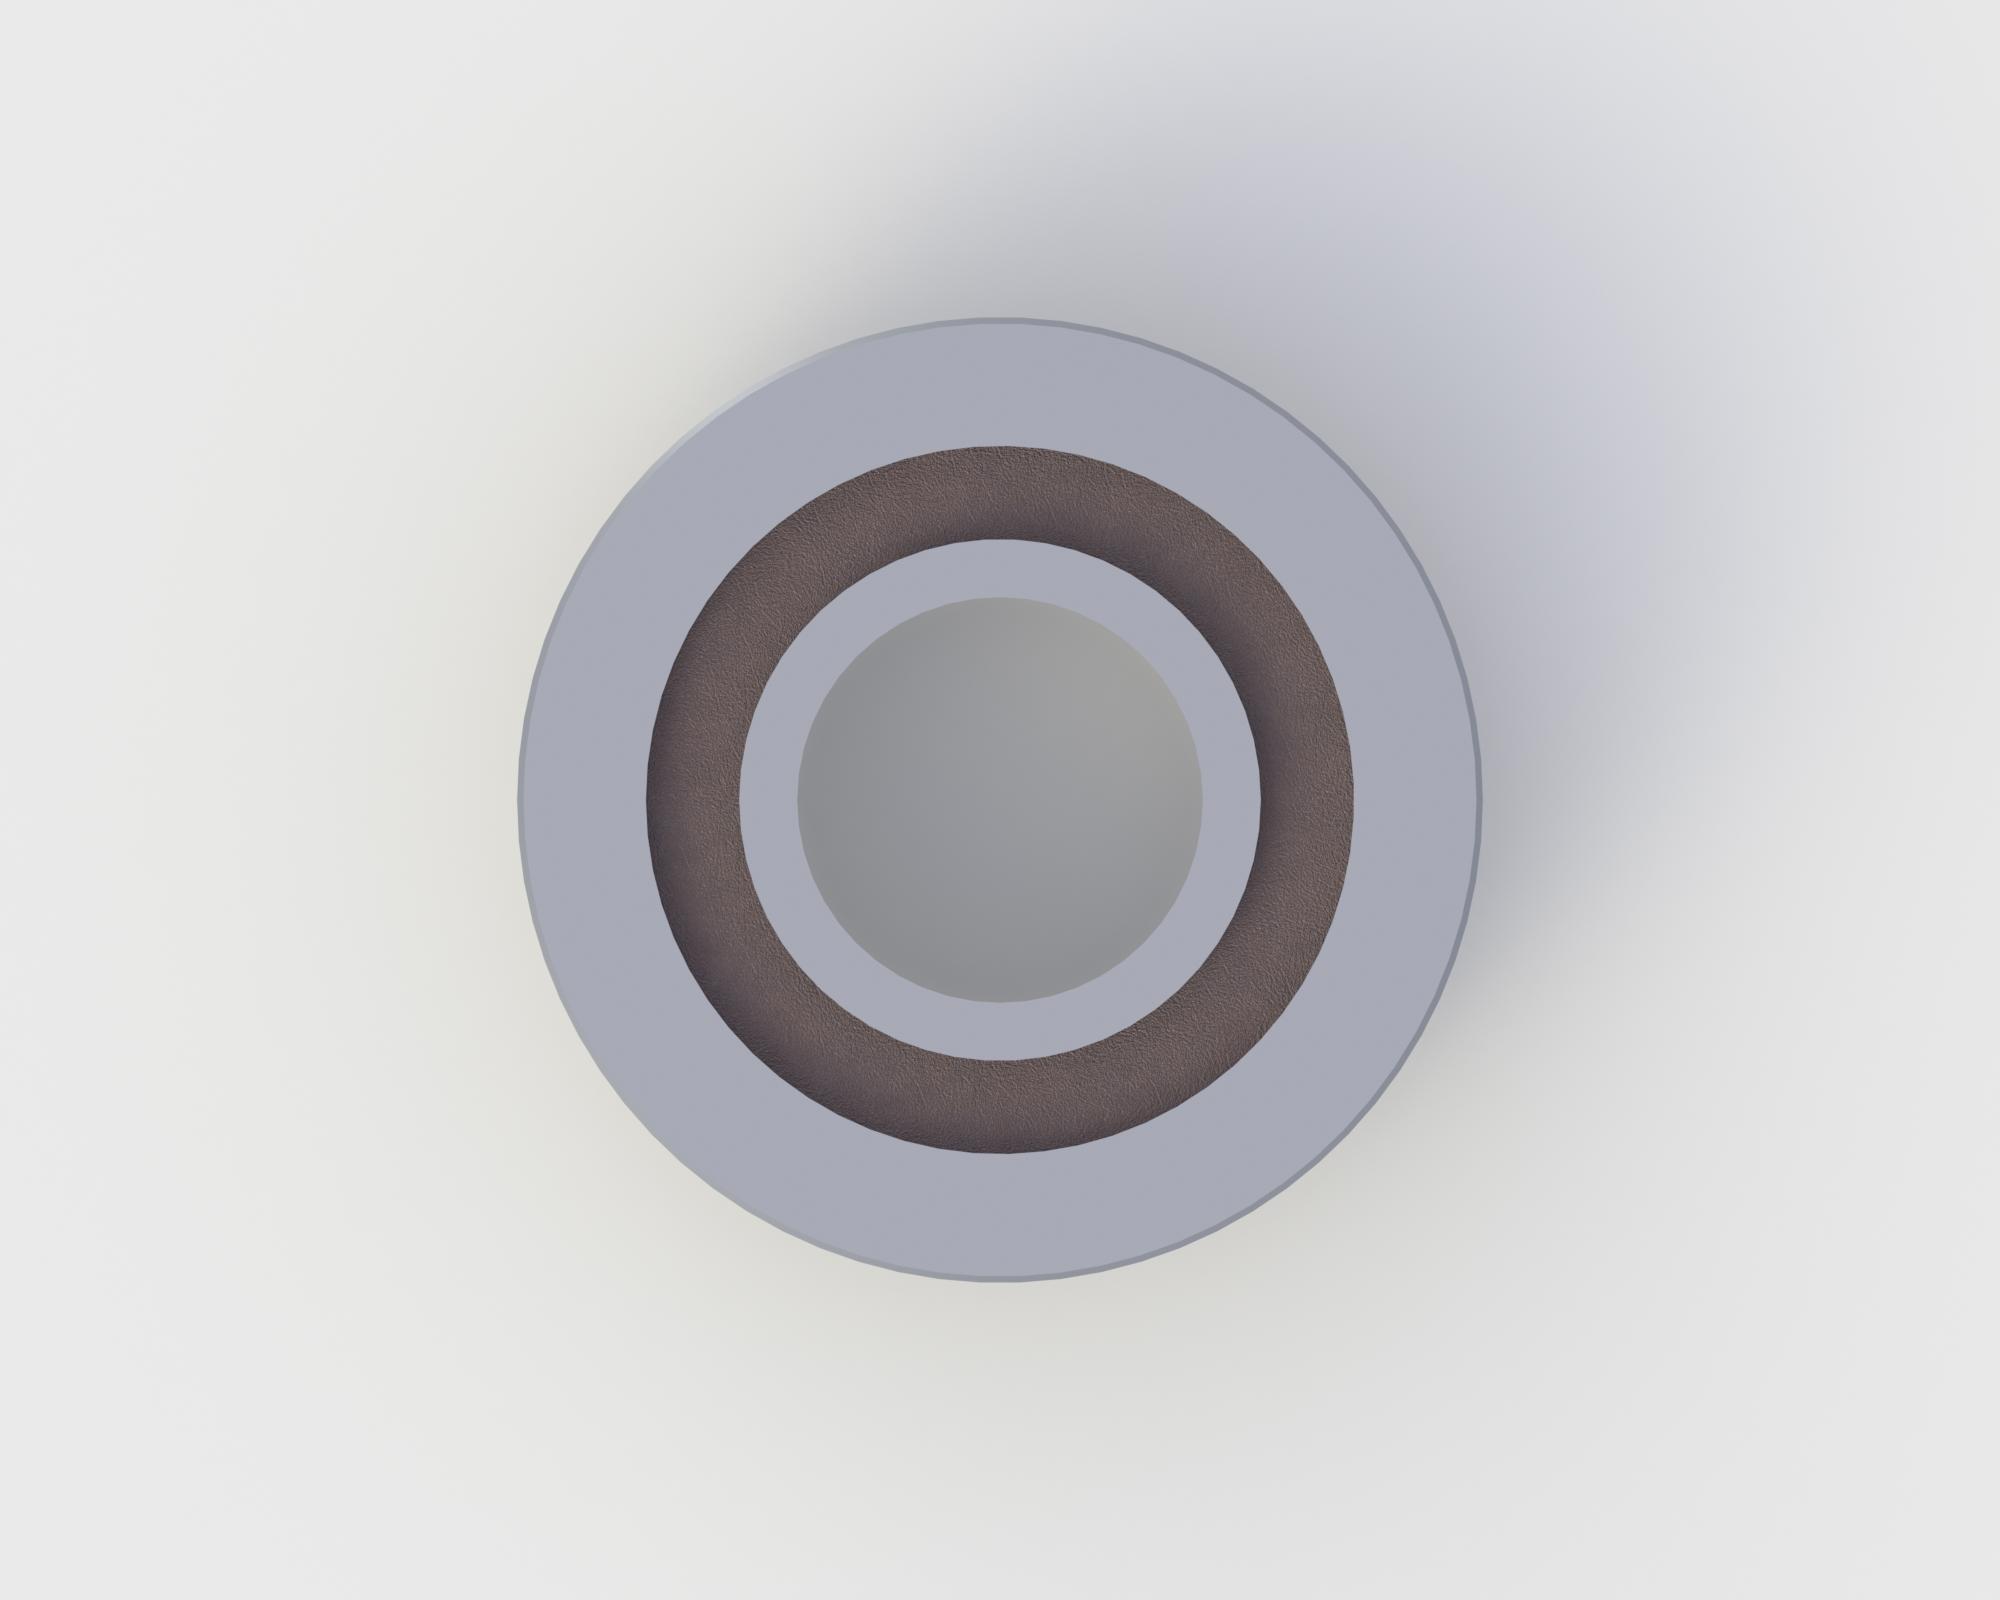 Midwest Stylus Integral Bearing - Ceramic